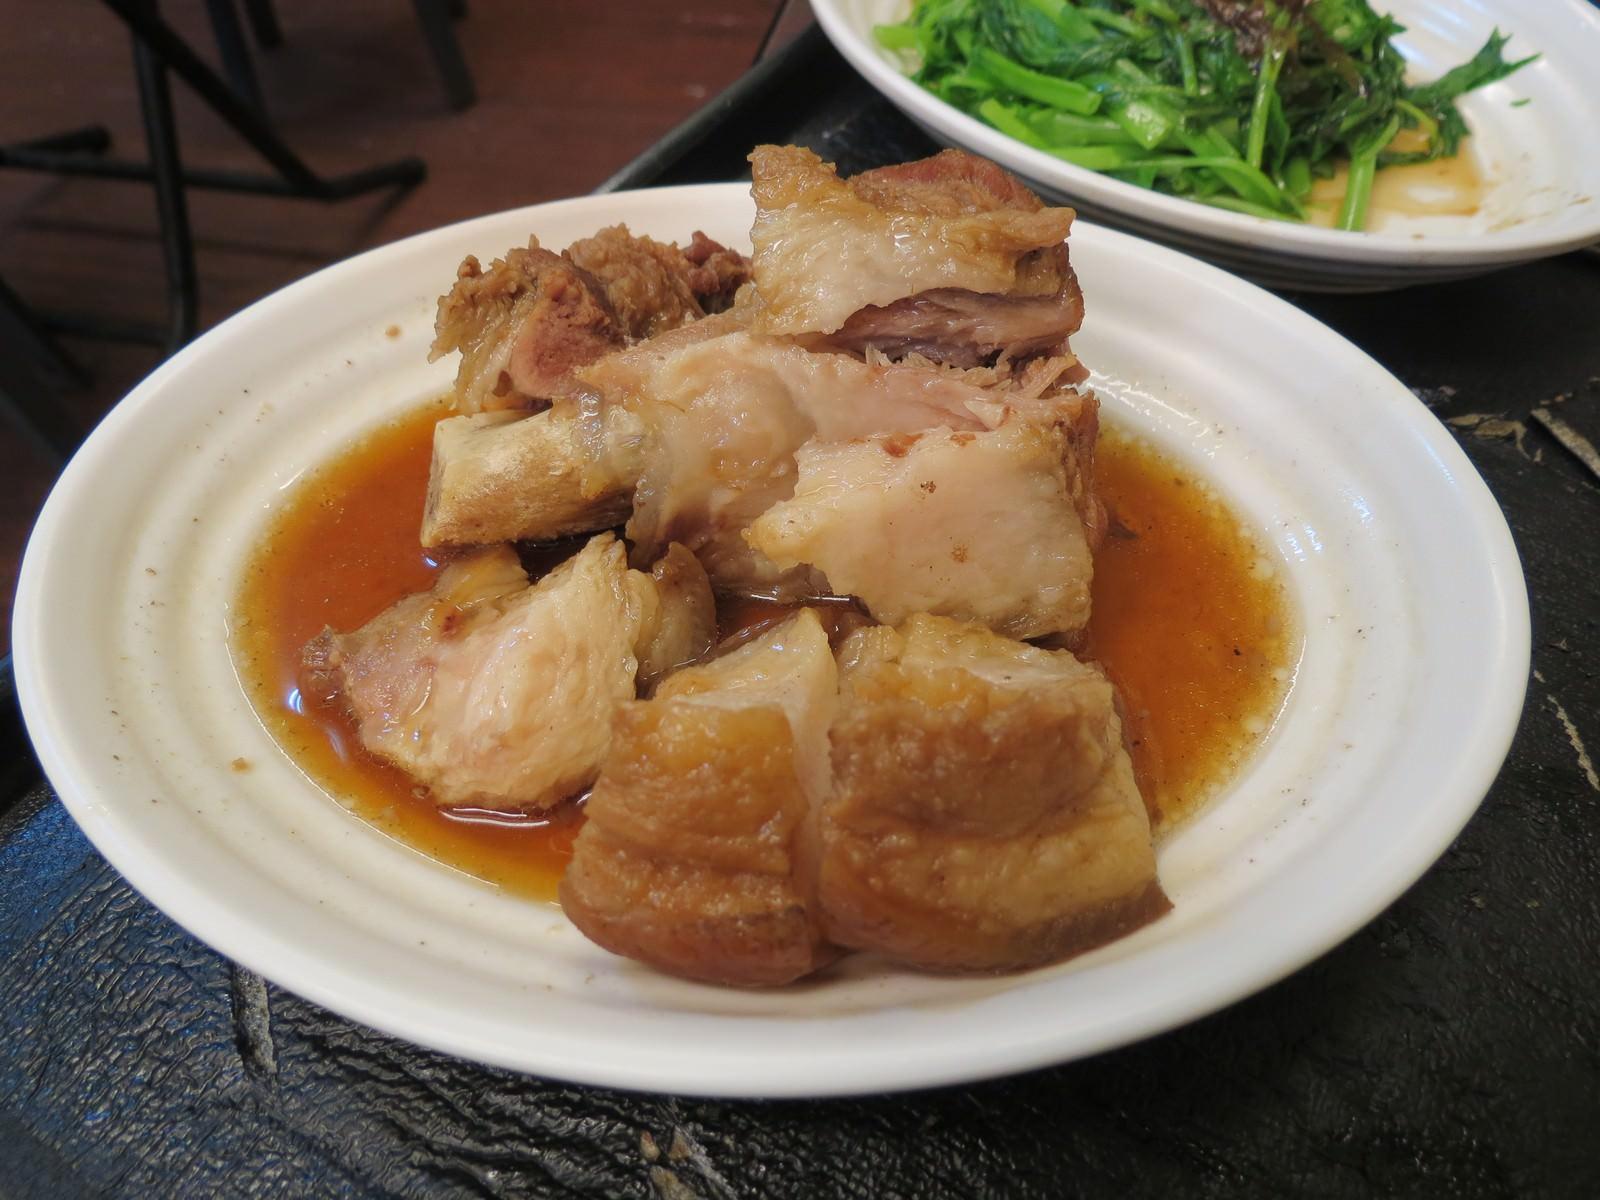 阿鴻知高飯‧鱸魚湯@廣州街夜市, 餐點